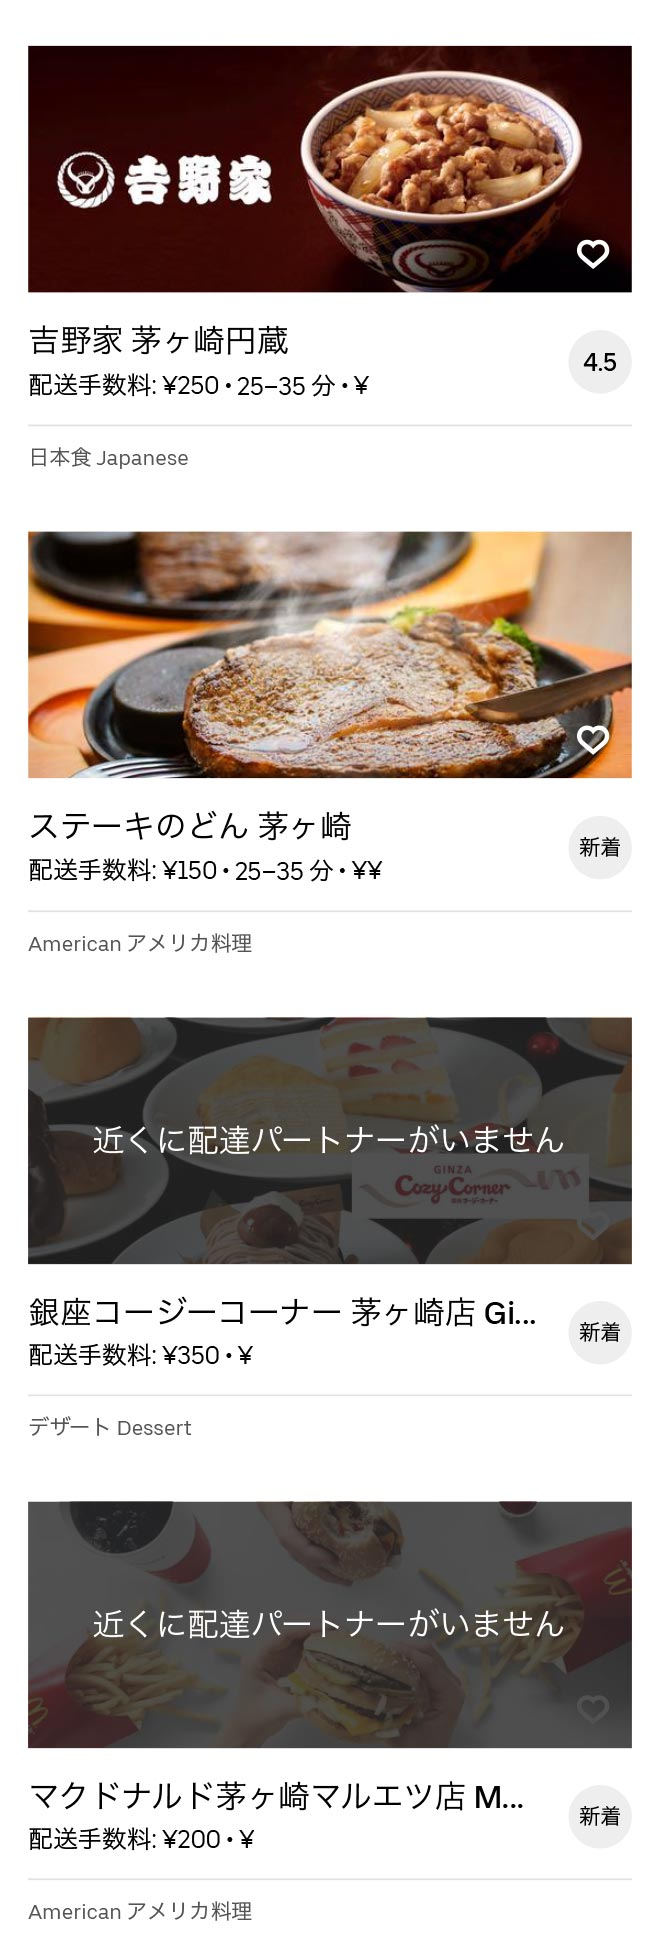 Chigasaki kagawa menu 2008 03